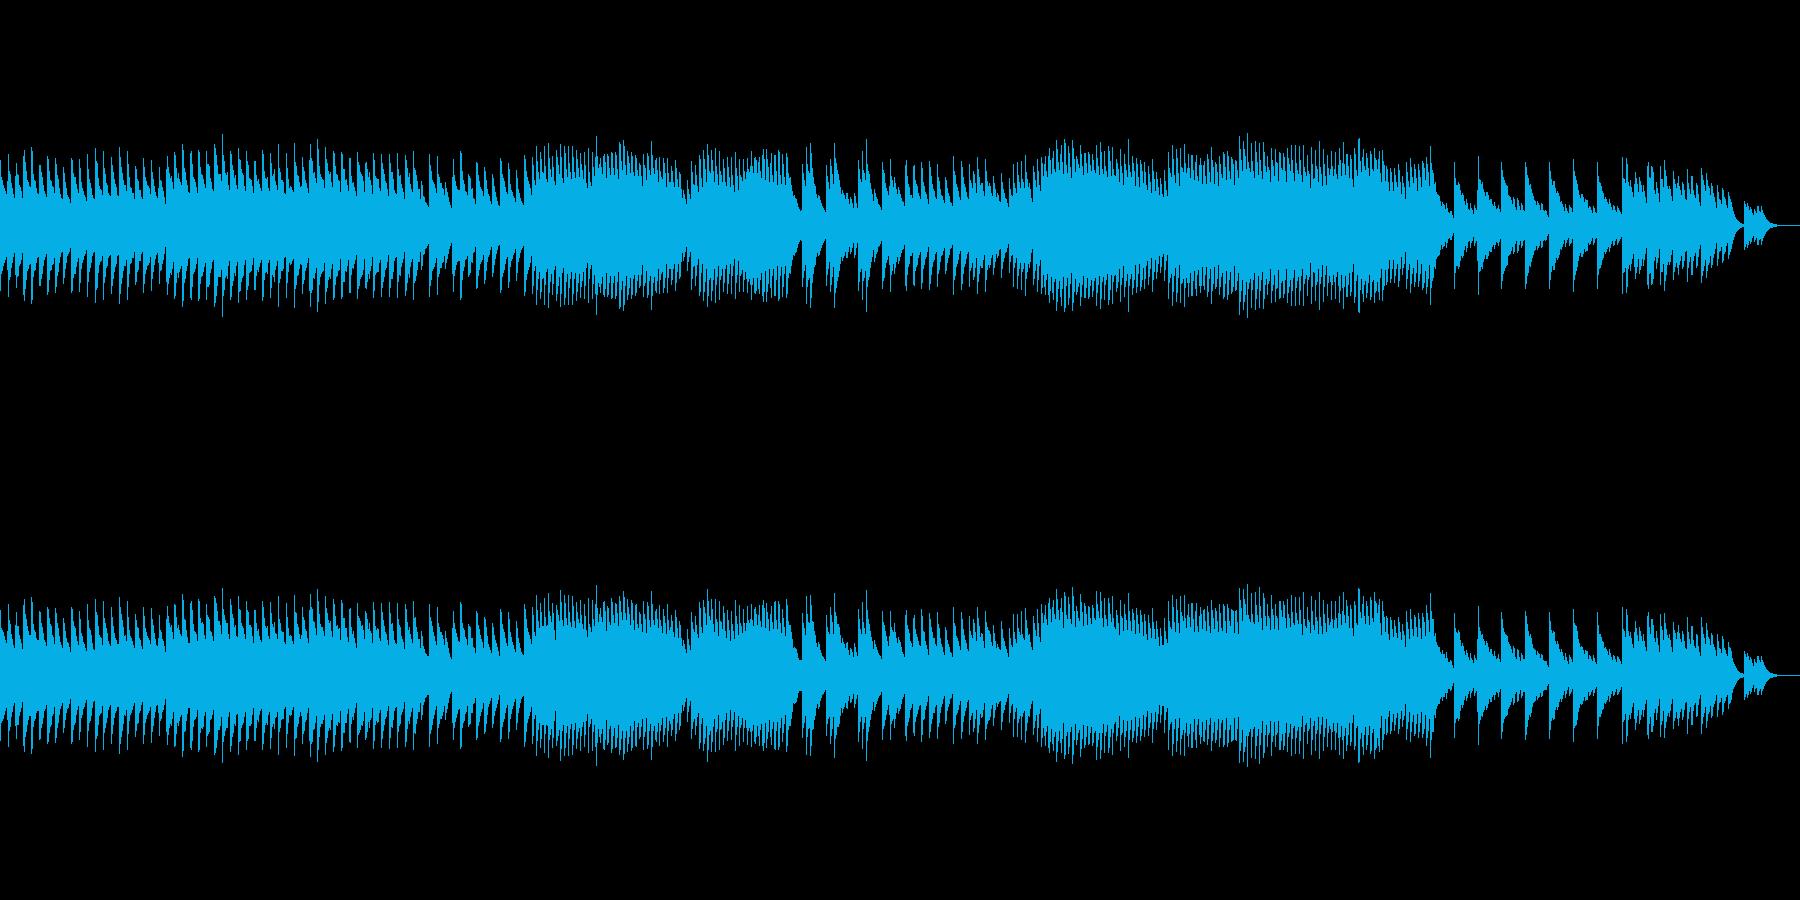 オルゴールの悲しい曲、エンディング風の再生済みの波形